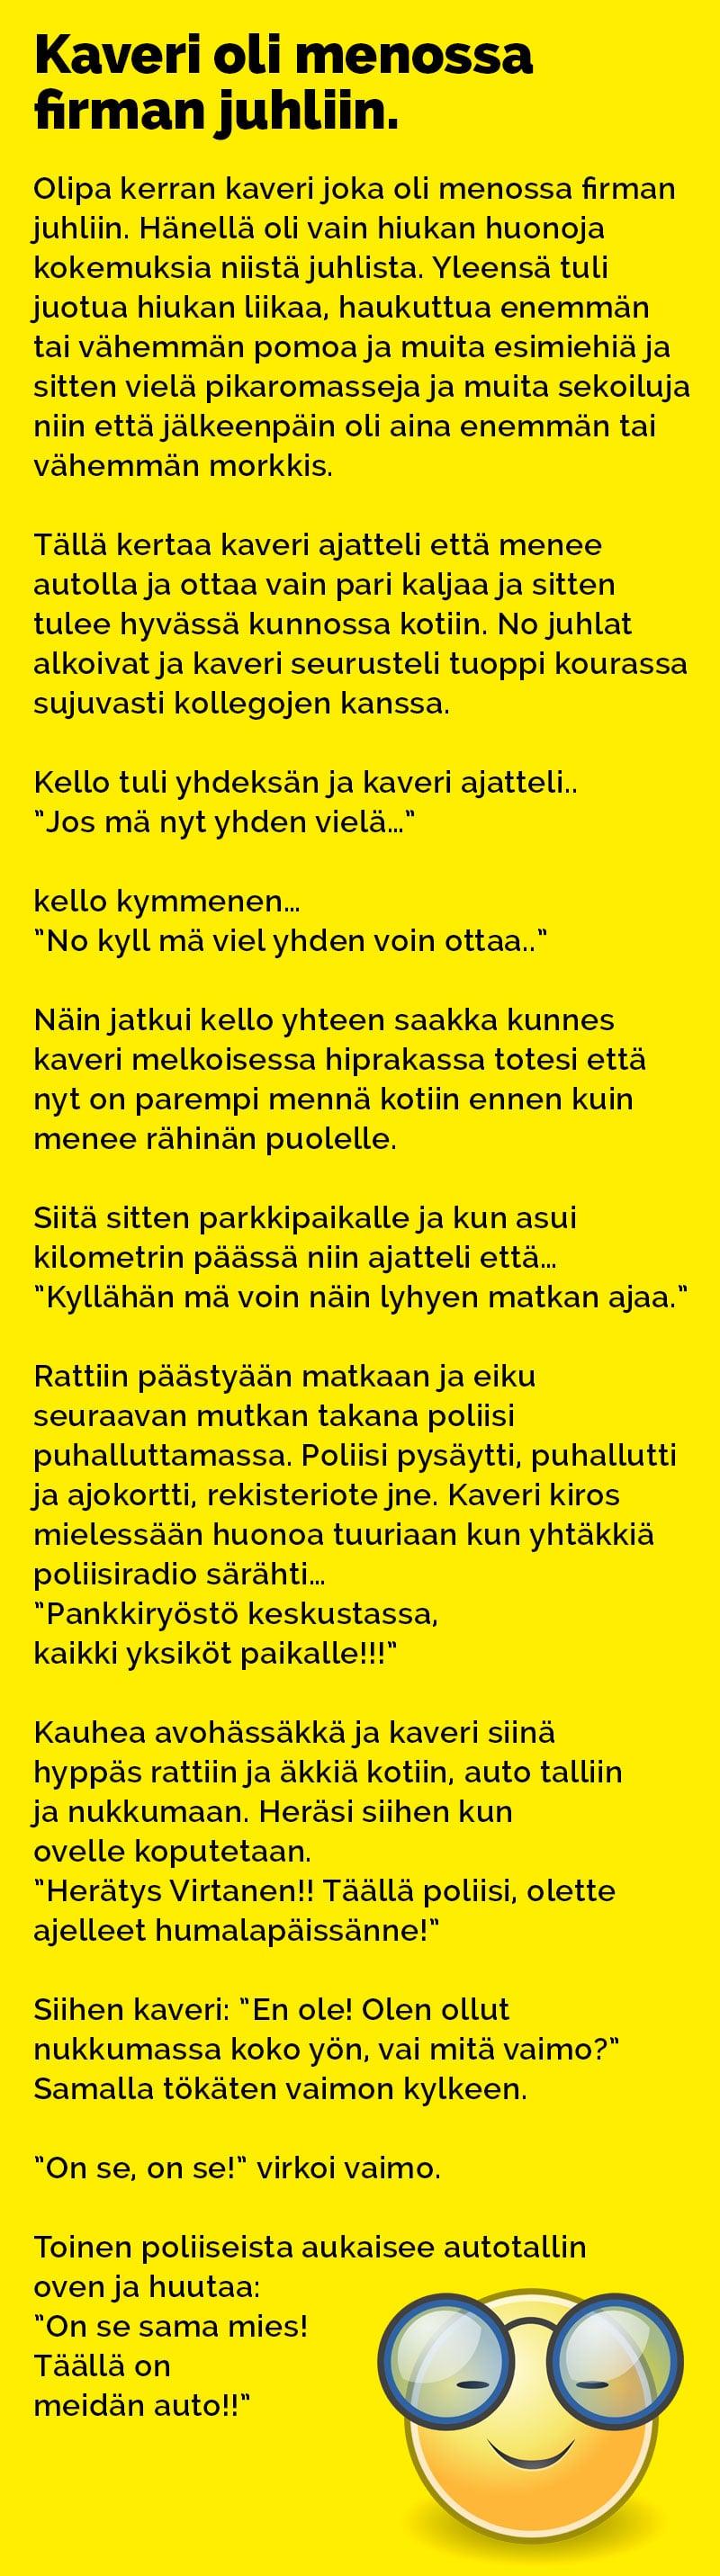 kaveri_menossa_firman_juhliin_2